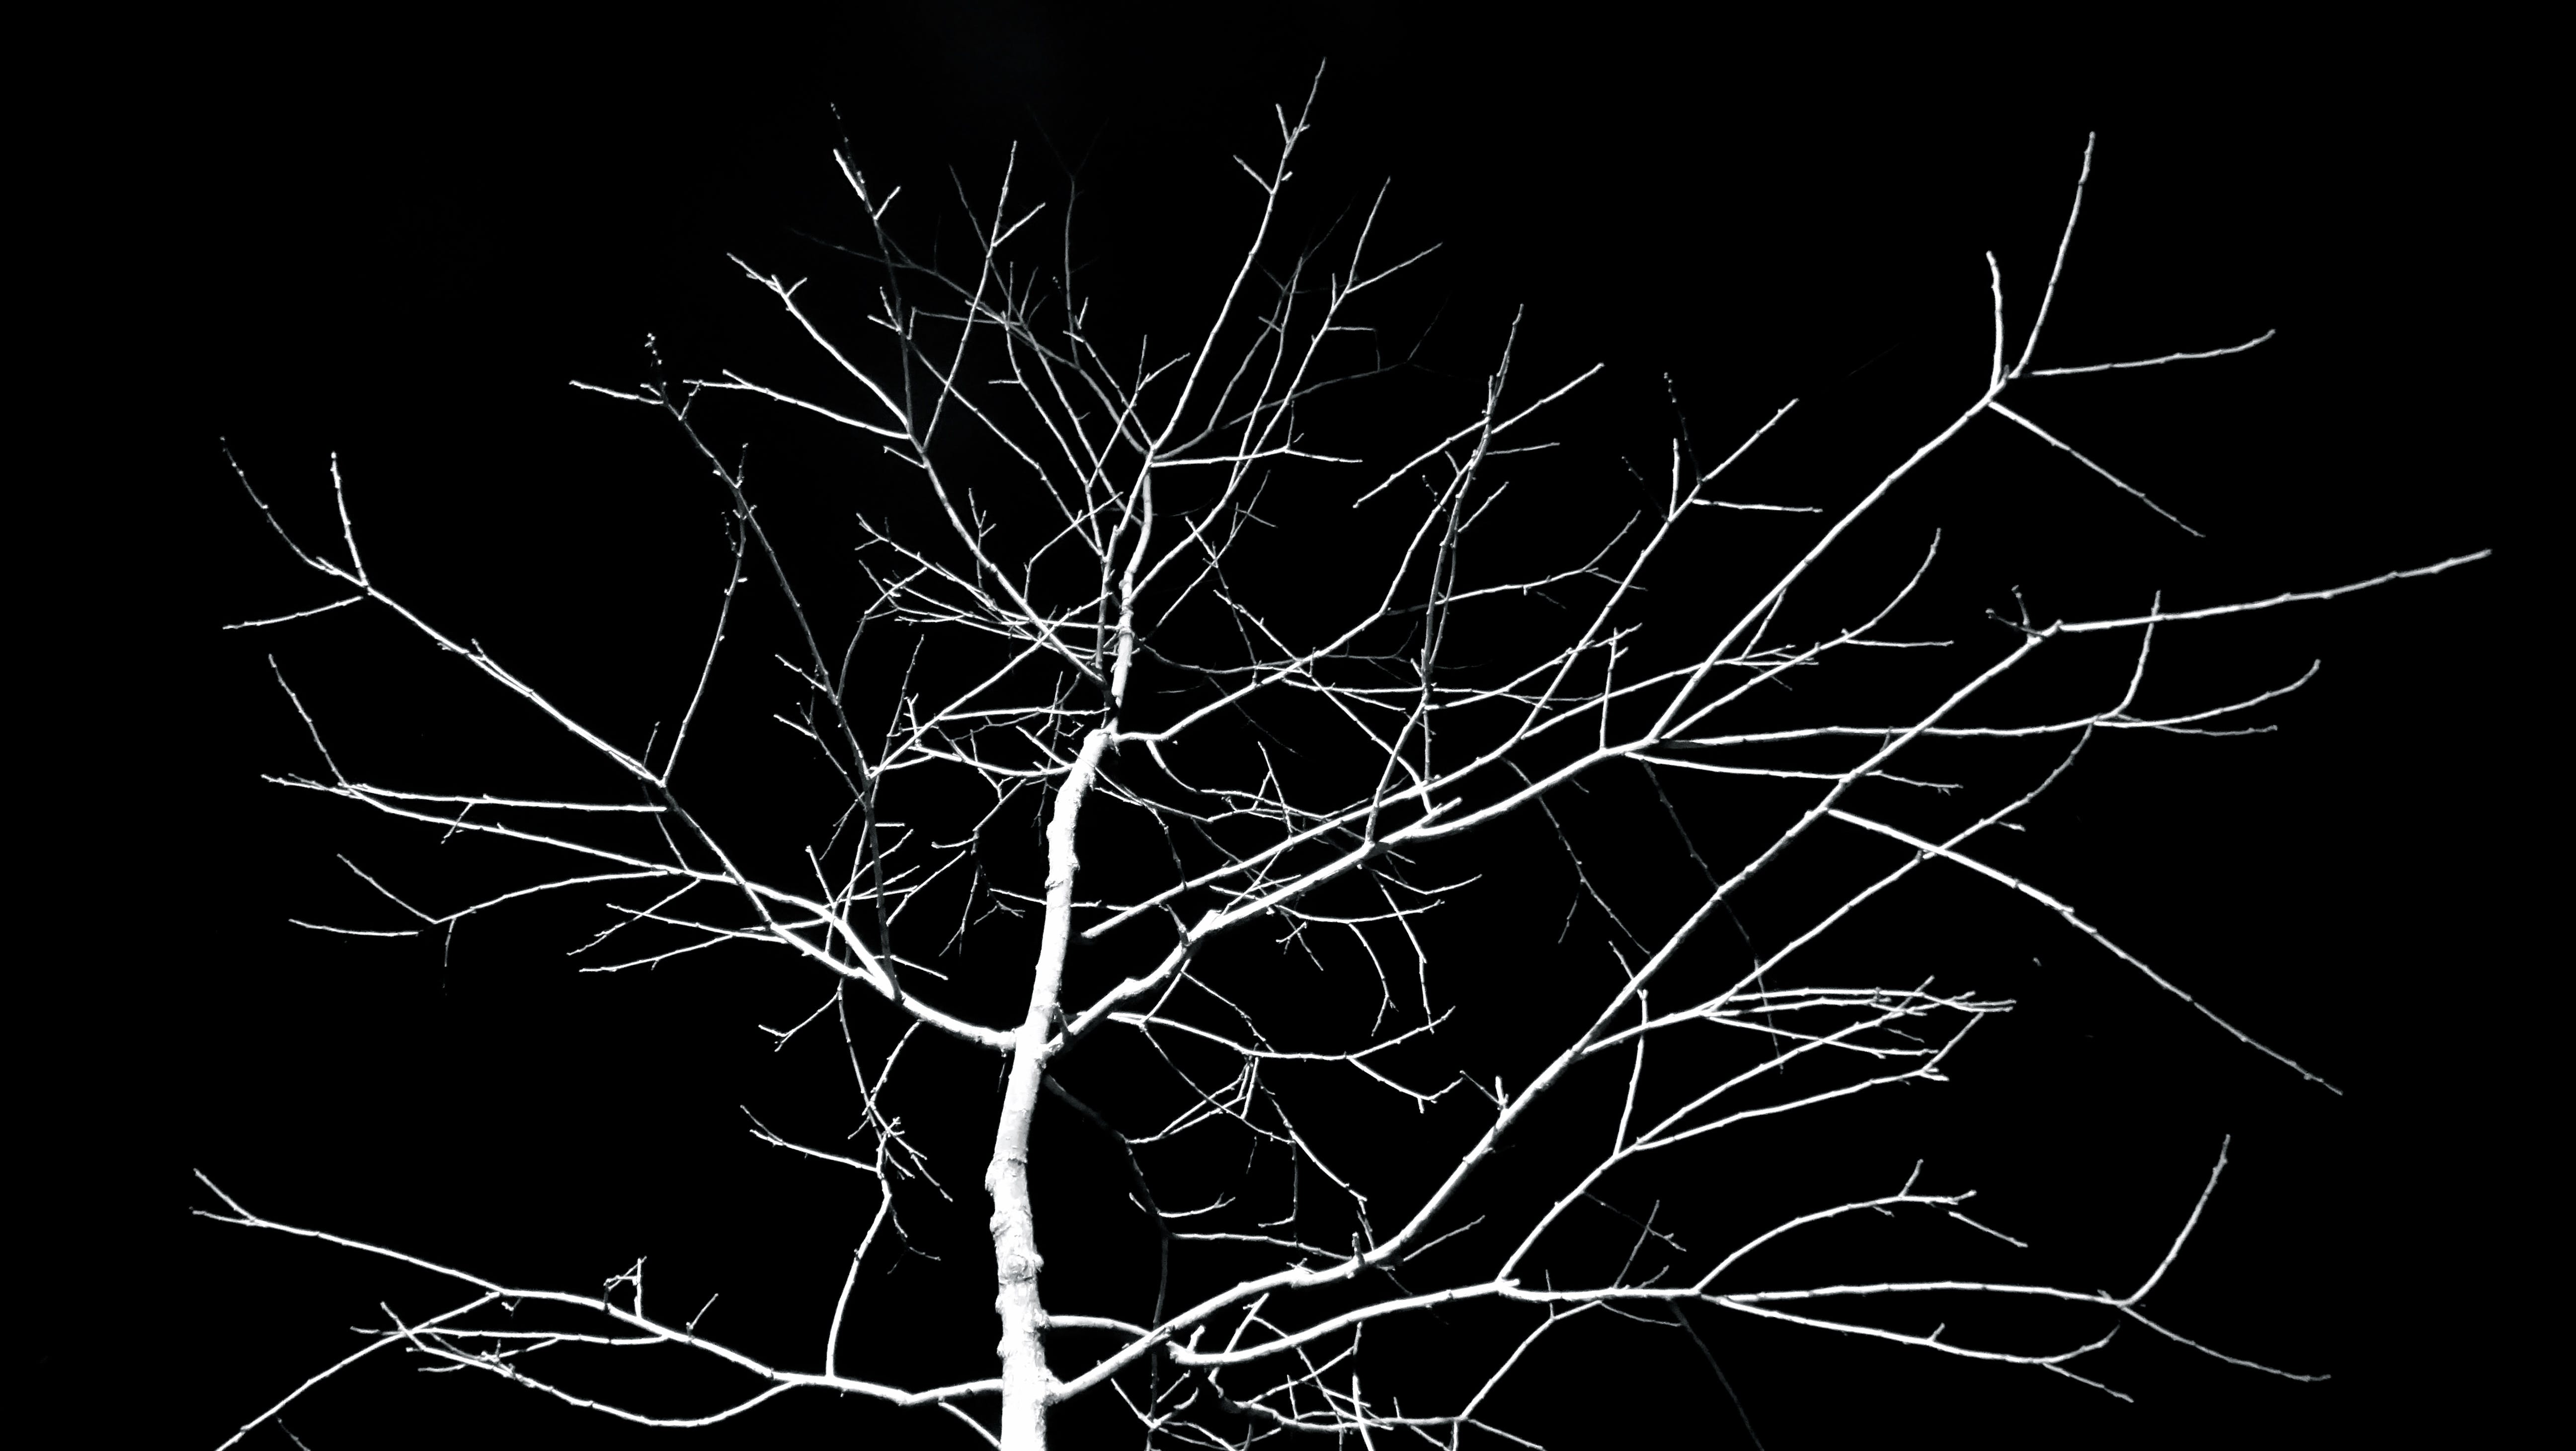 Kostnadsfri bild av grenar, kuslig, mörk, natt